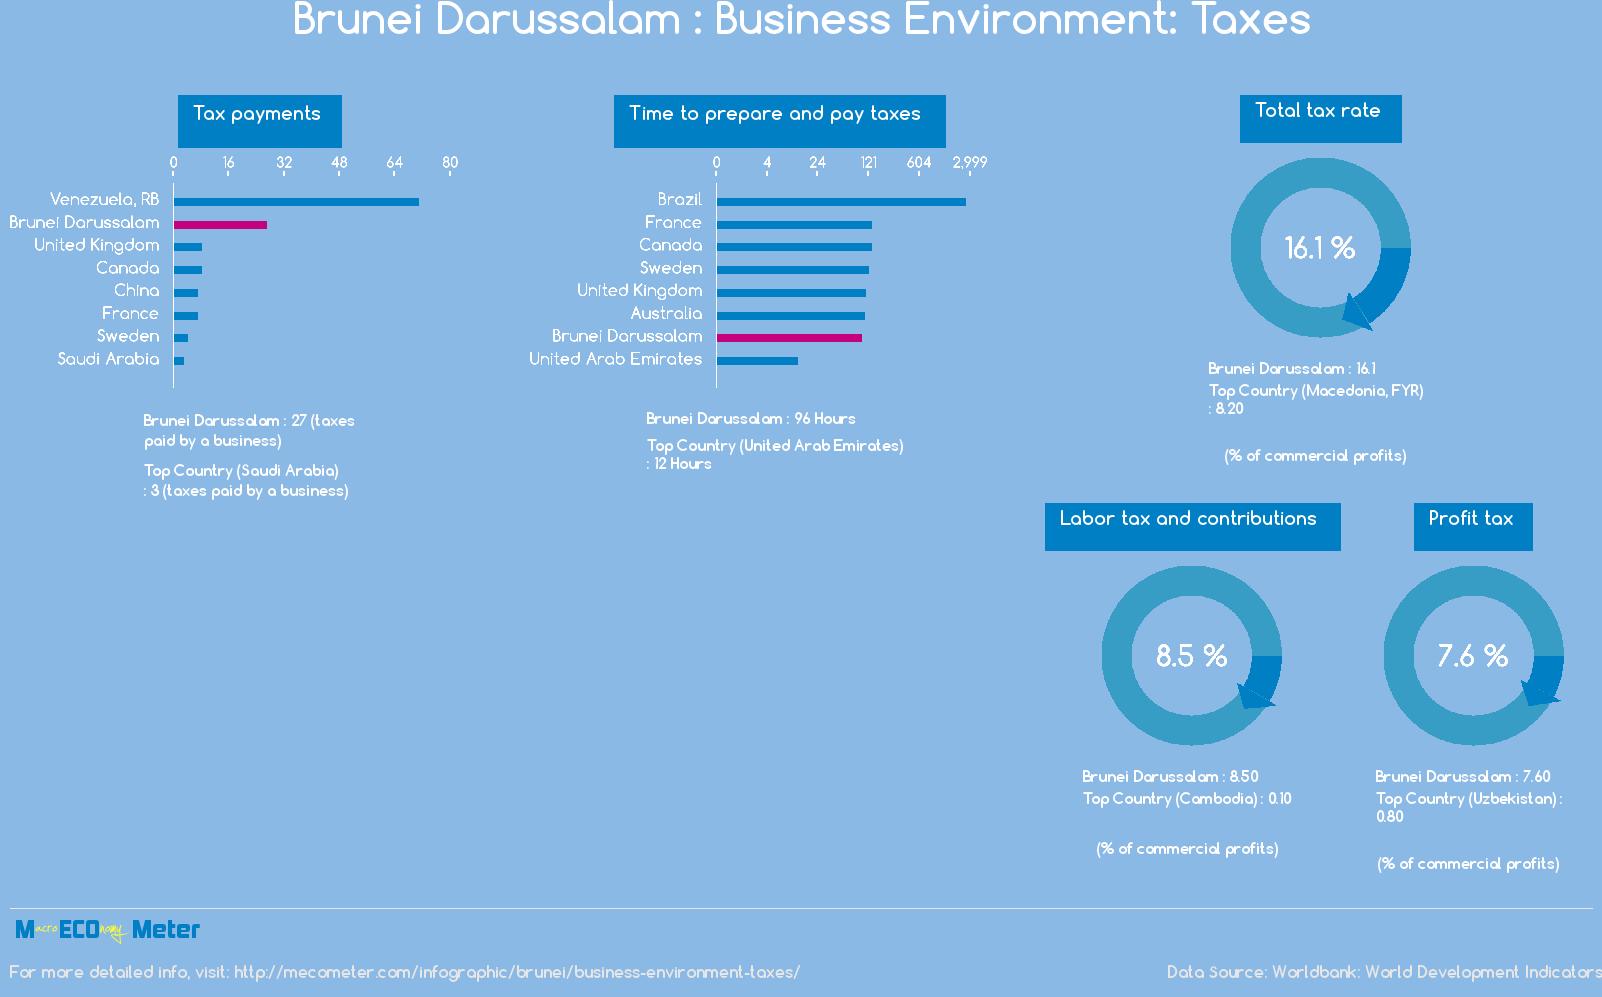 Brunei Darussalam : Business Environment: Taxes